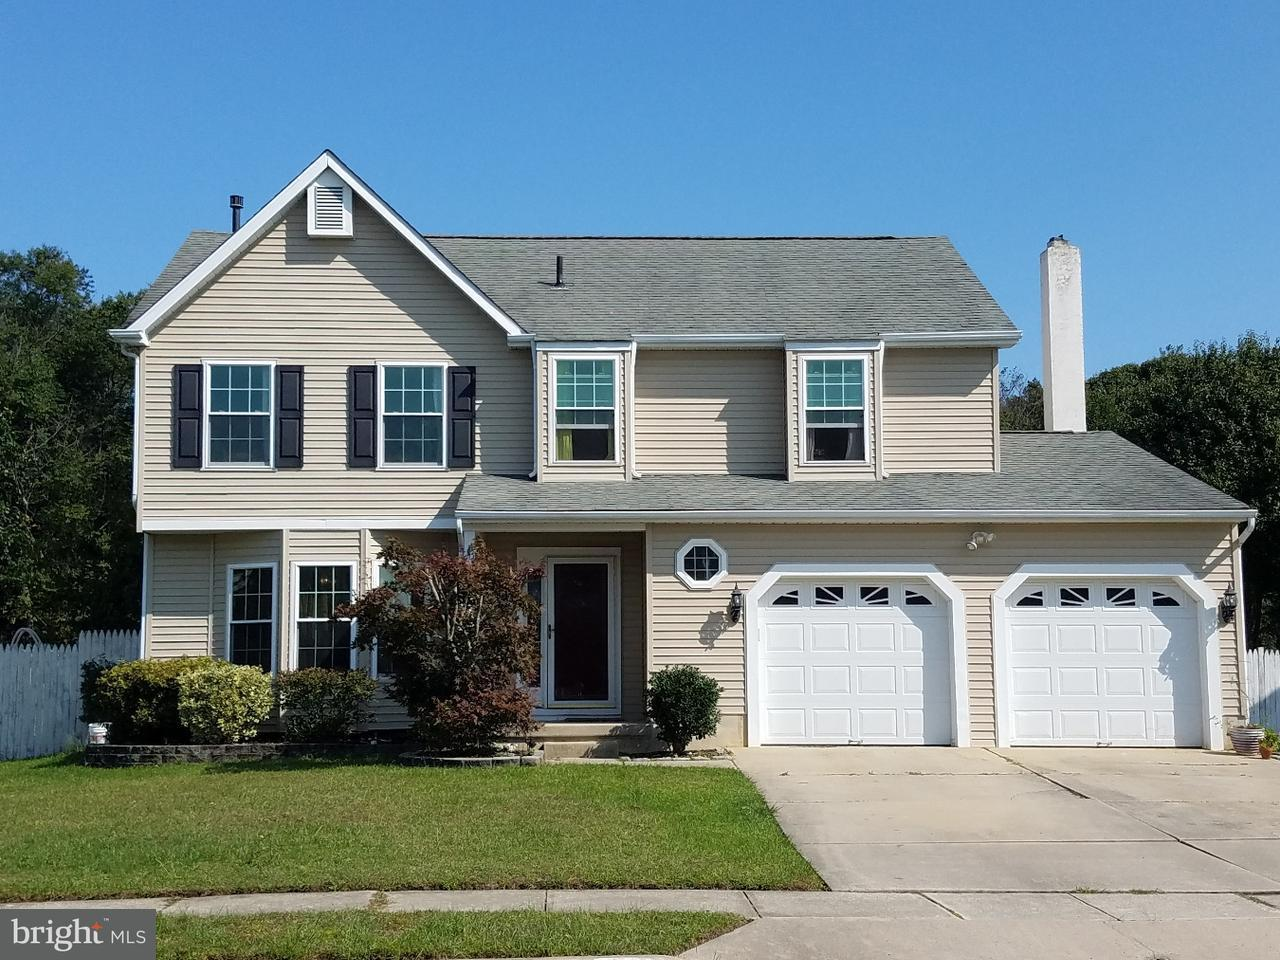 独户住宅 为 销售 在 103 GLASGOW Road Williamstown, 新泽西州 08094 美国在/周边: Monroe Township